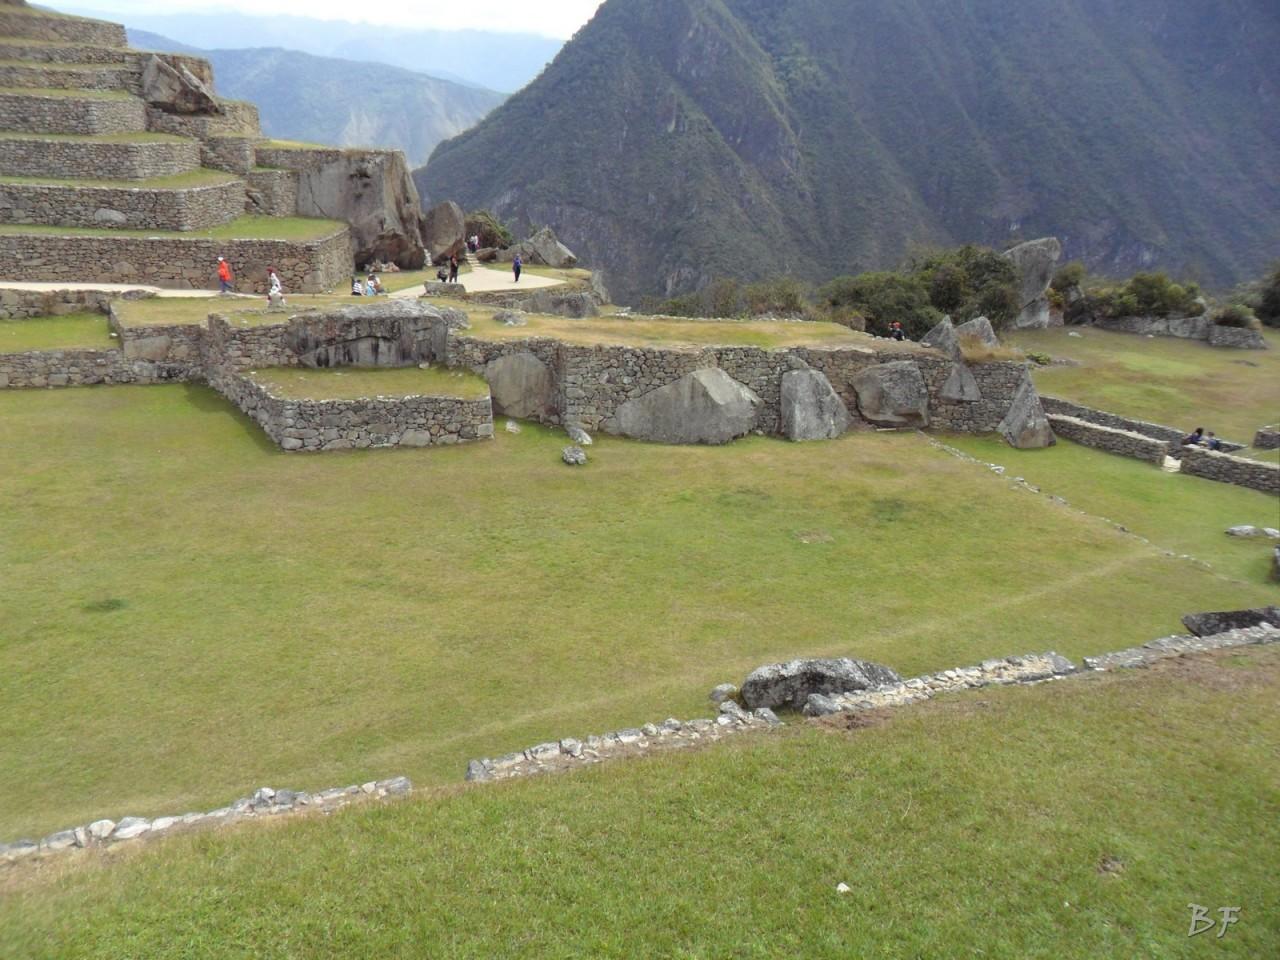 Mura-Poligonali-Incisioni-Altari-Edifici-Rupestri-Megaliti-Machu-Picchu-Aguas-Calientes-Urubamba-Cusco-Perù-137